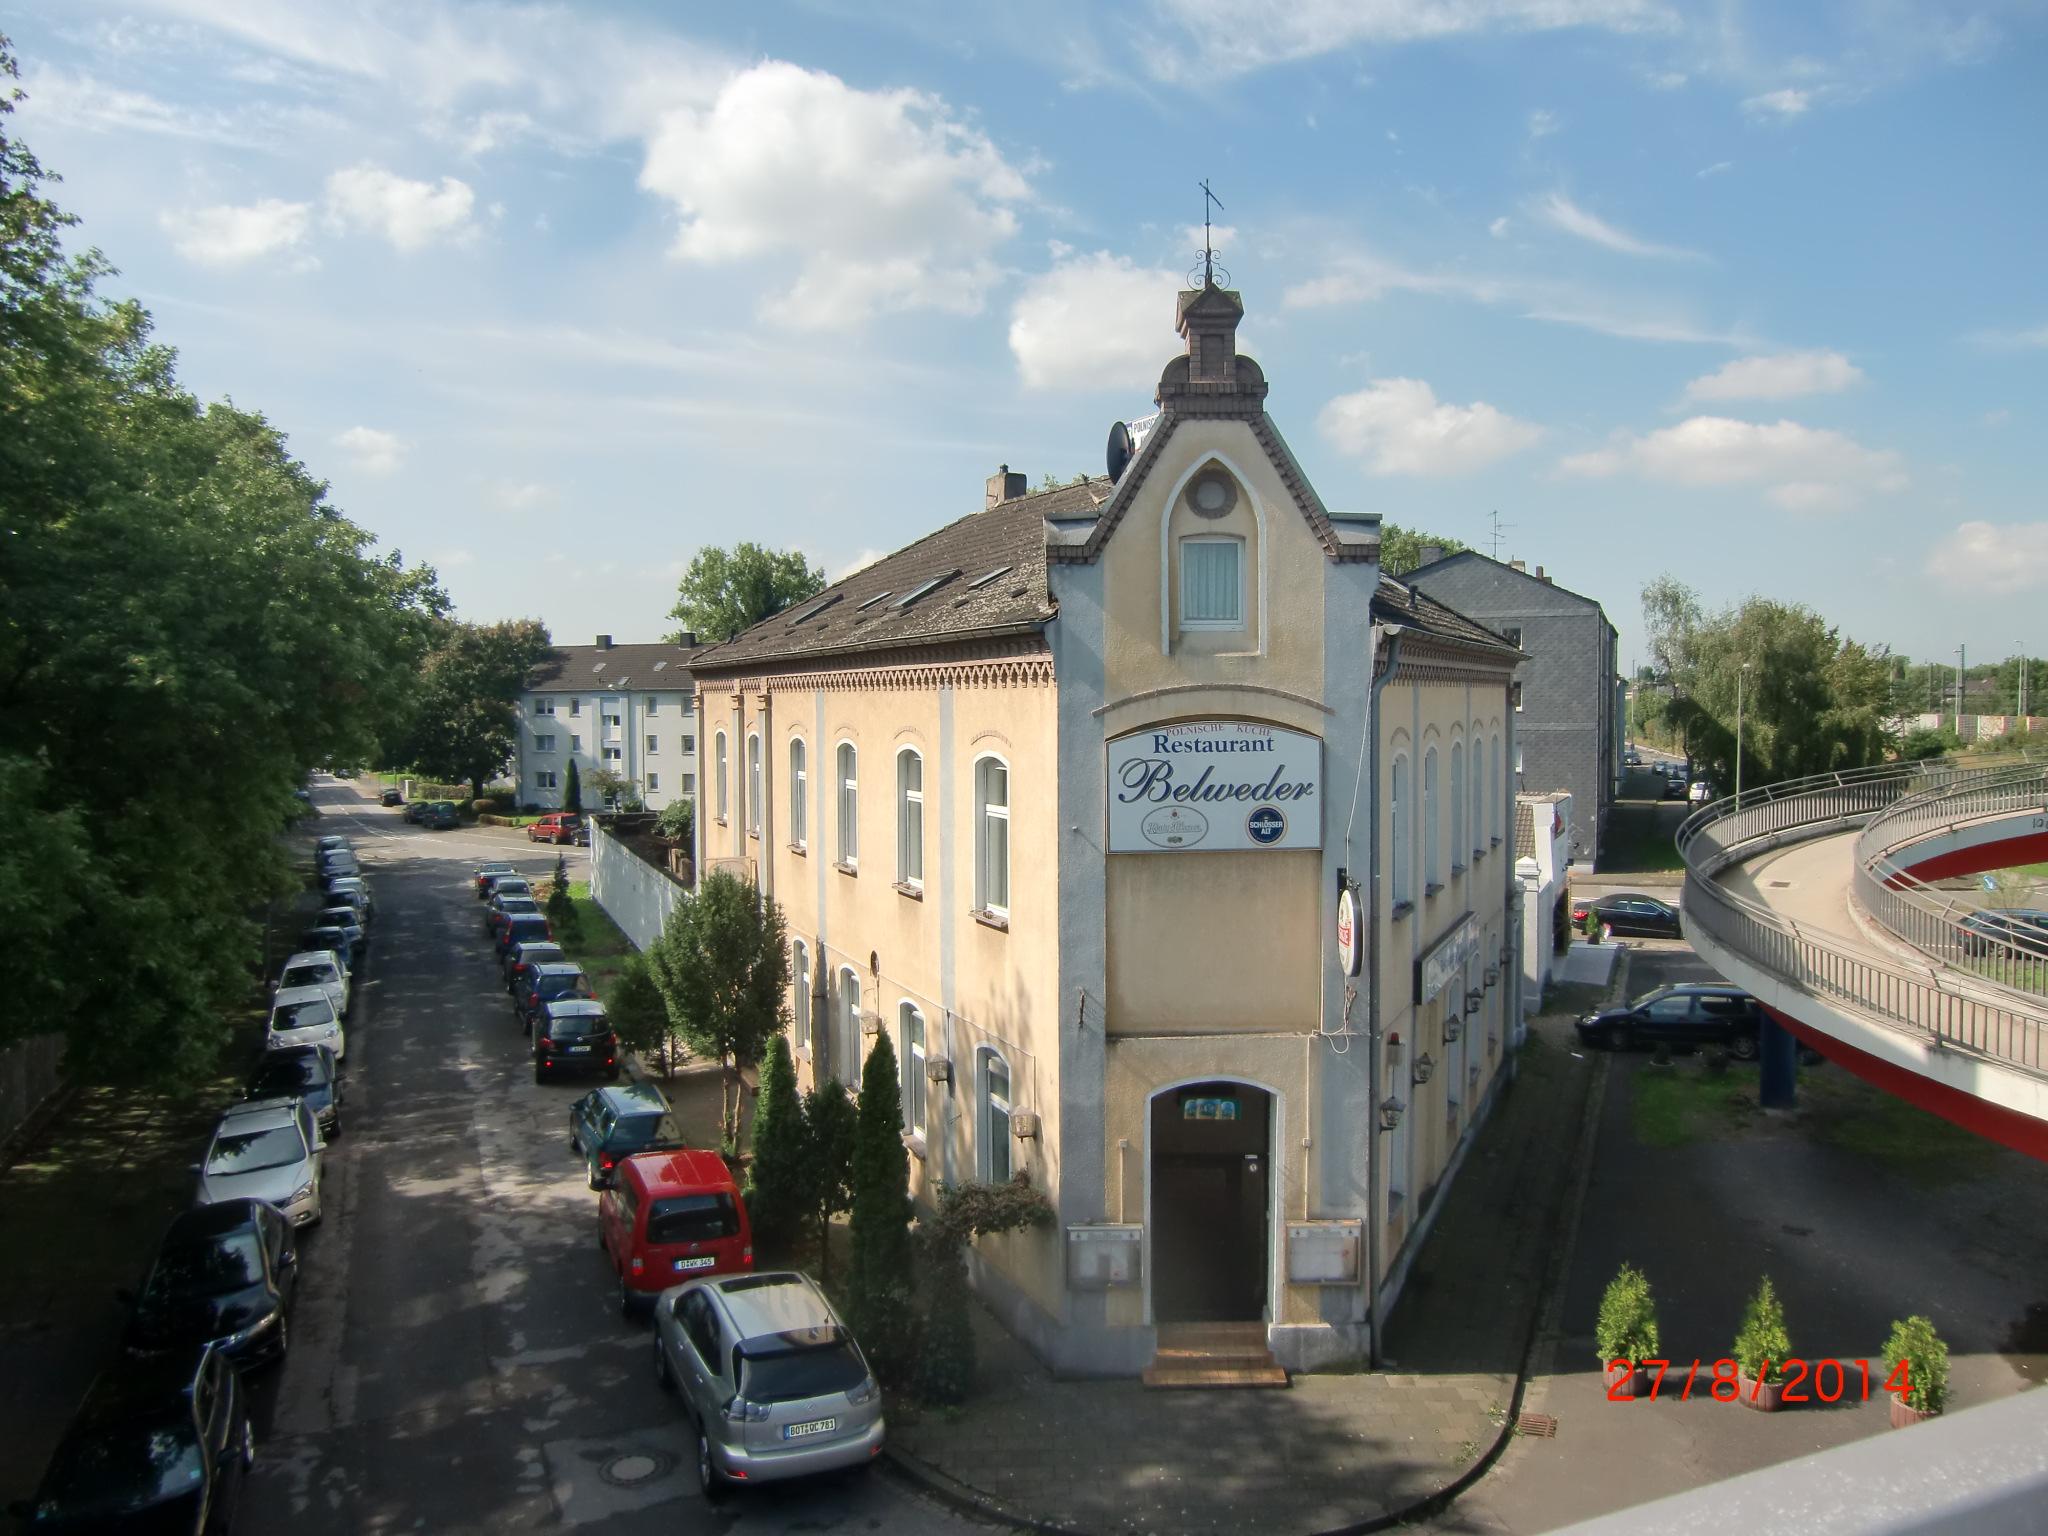 """Restaurant """"Belwedere"""", Kronprinzenstraße, 47229 Duisburg"""